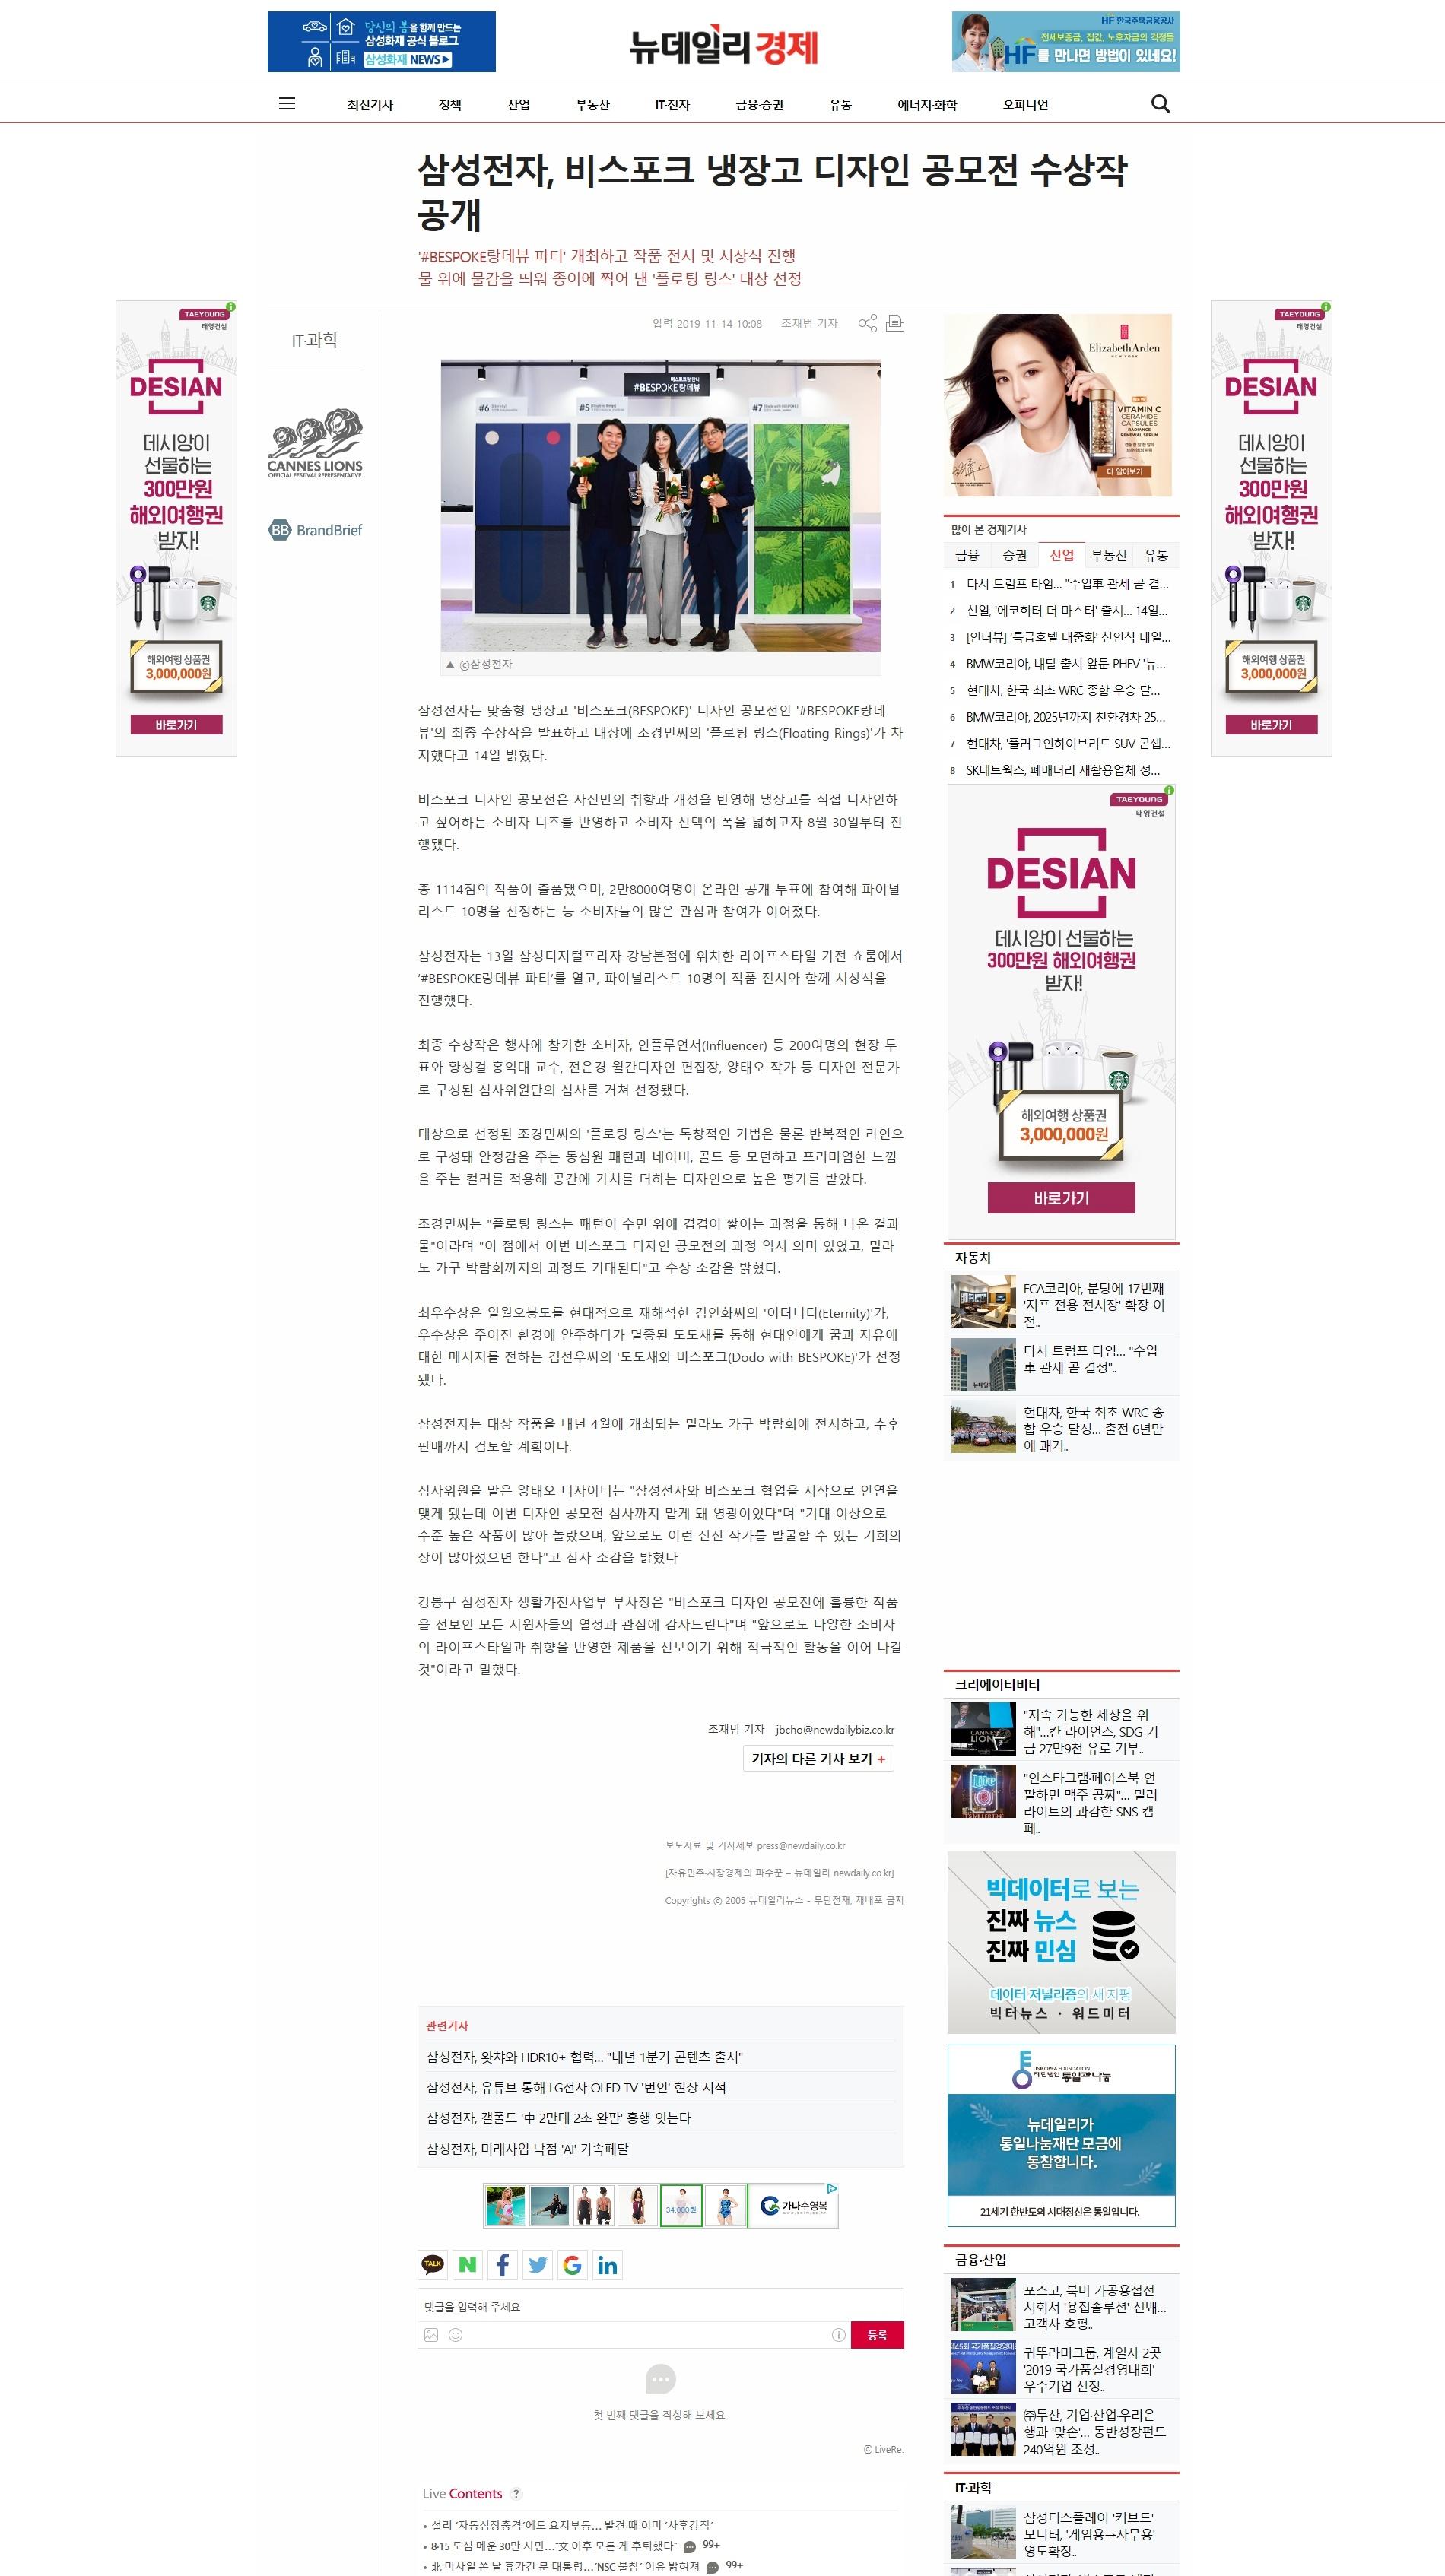 비스포크 랑데뷰 우수상 관련기사 20191114(2)